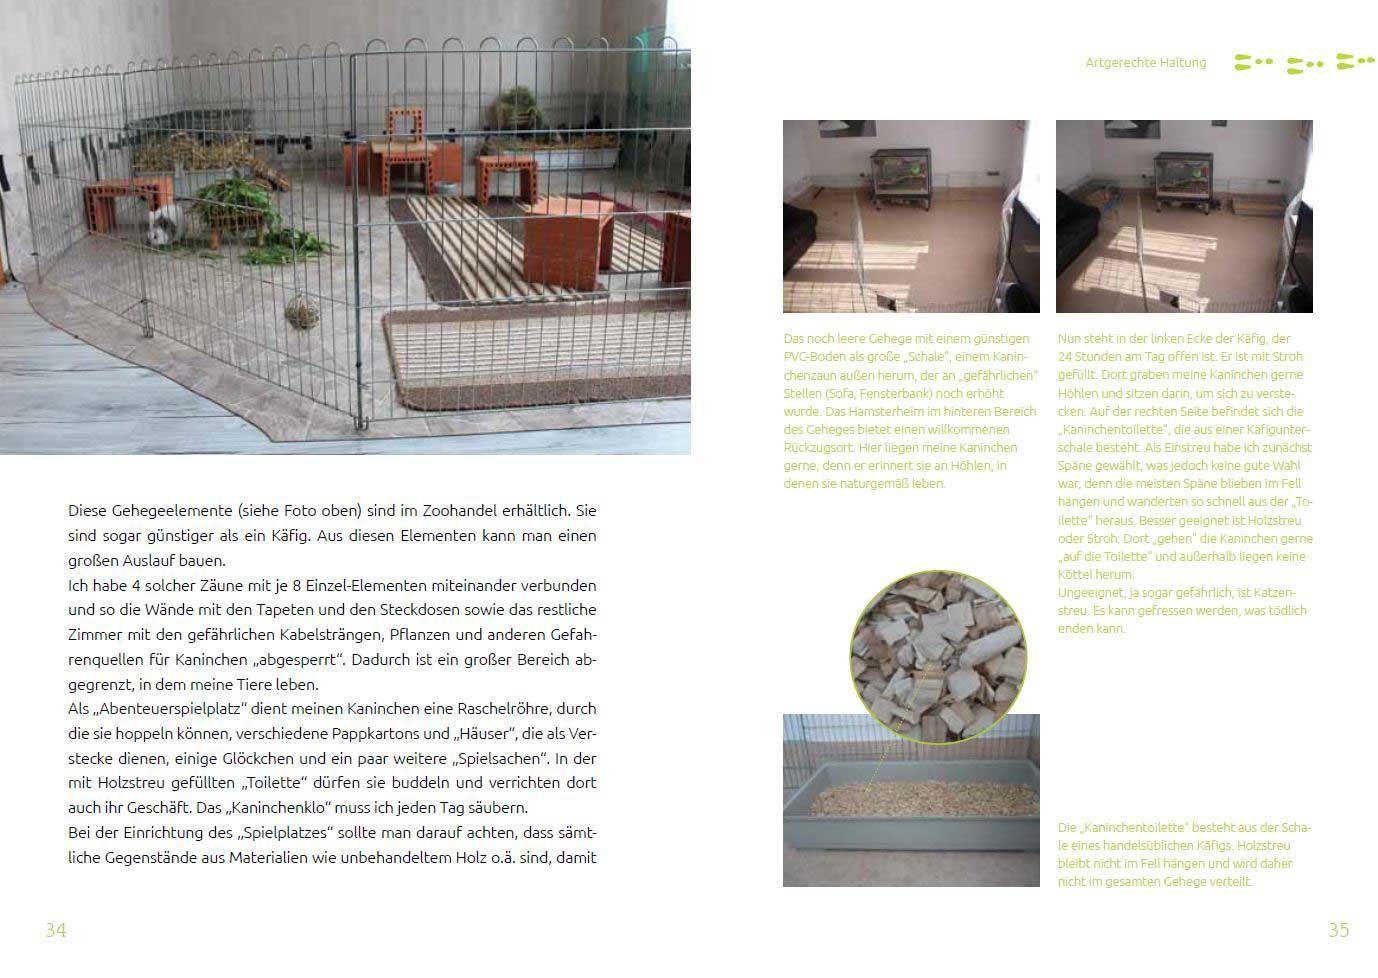 Leseprobe 2 Das Tierschutz-Kaninchenbuch